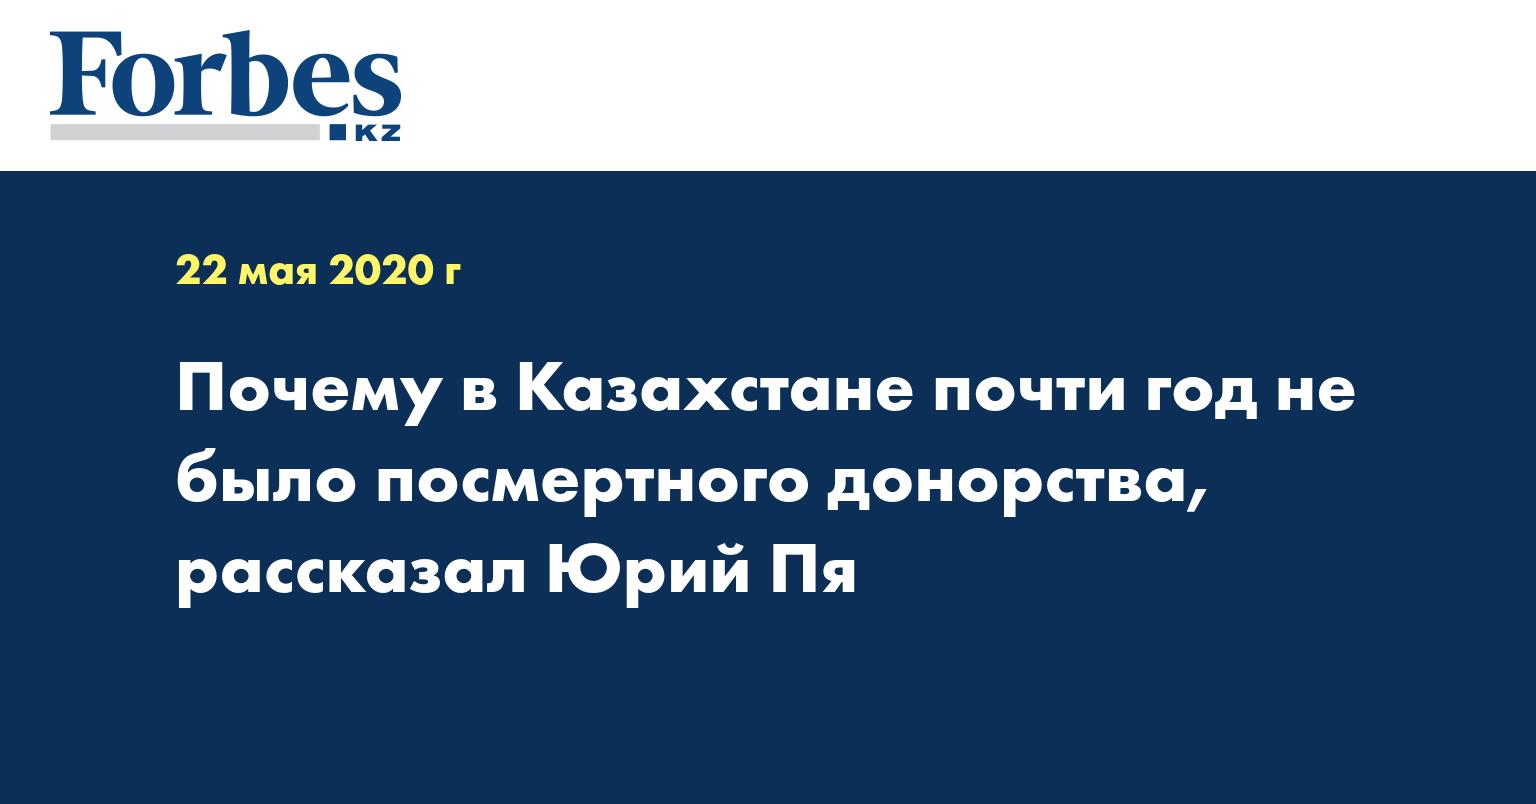 Почему в Казахстане почти год не было посмертного донорства, рассказал Юрий Пя